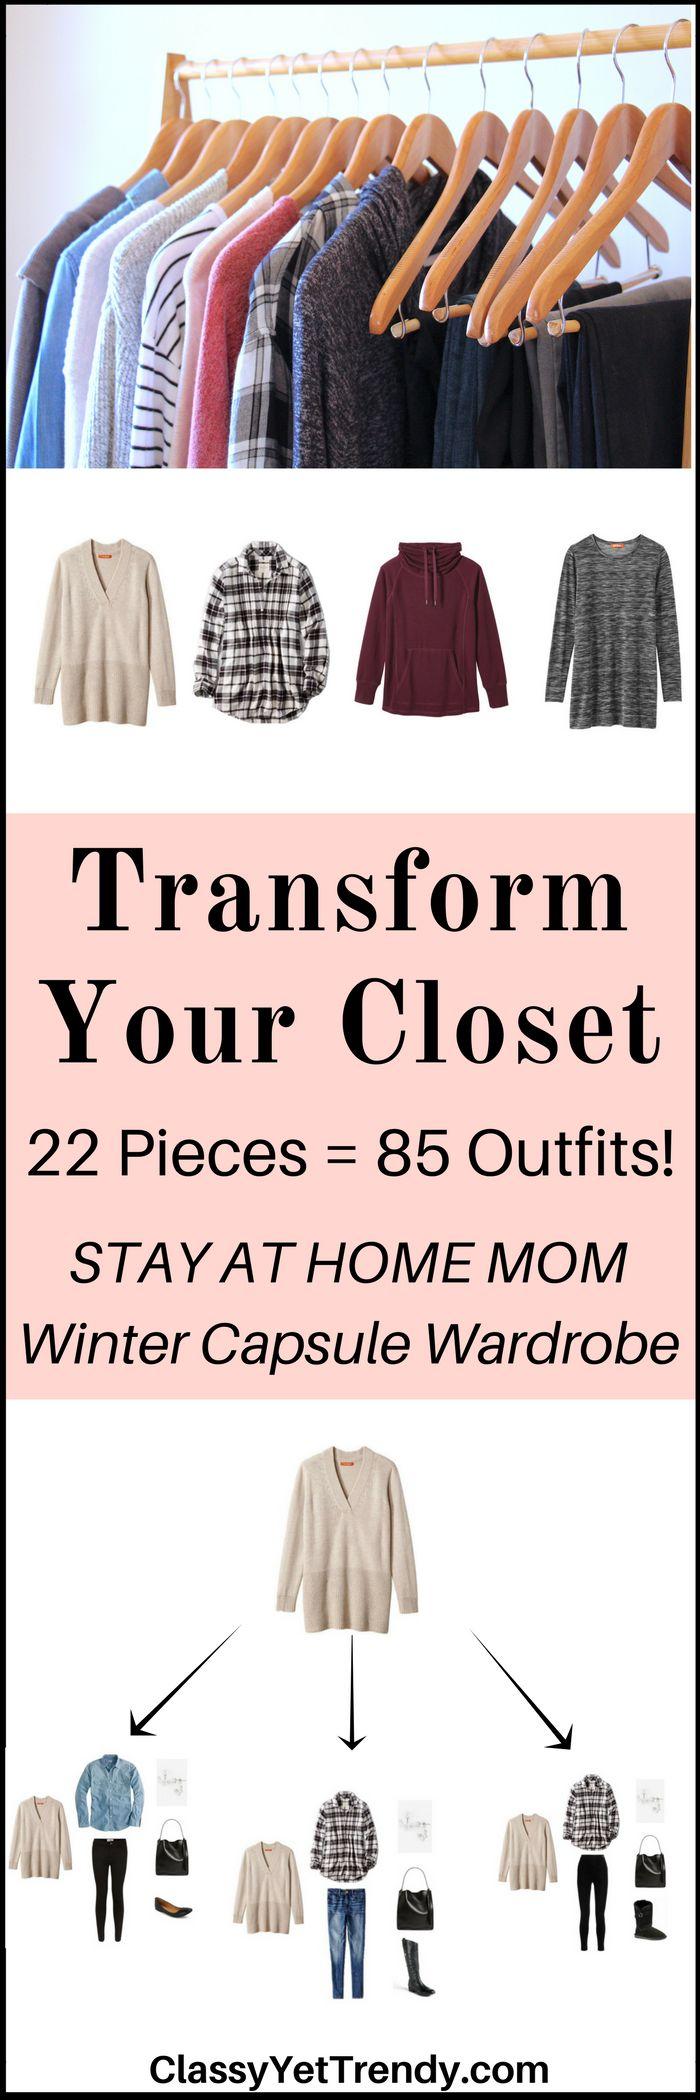 Stay At Home Mom Capsule Wardrobe e-book- Winter 2017